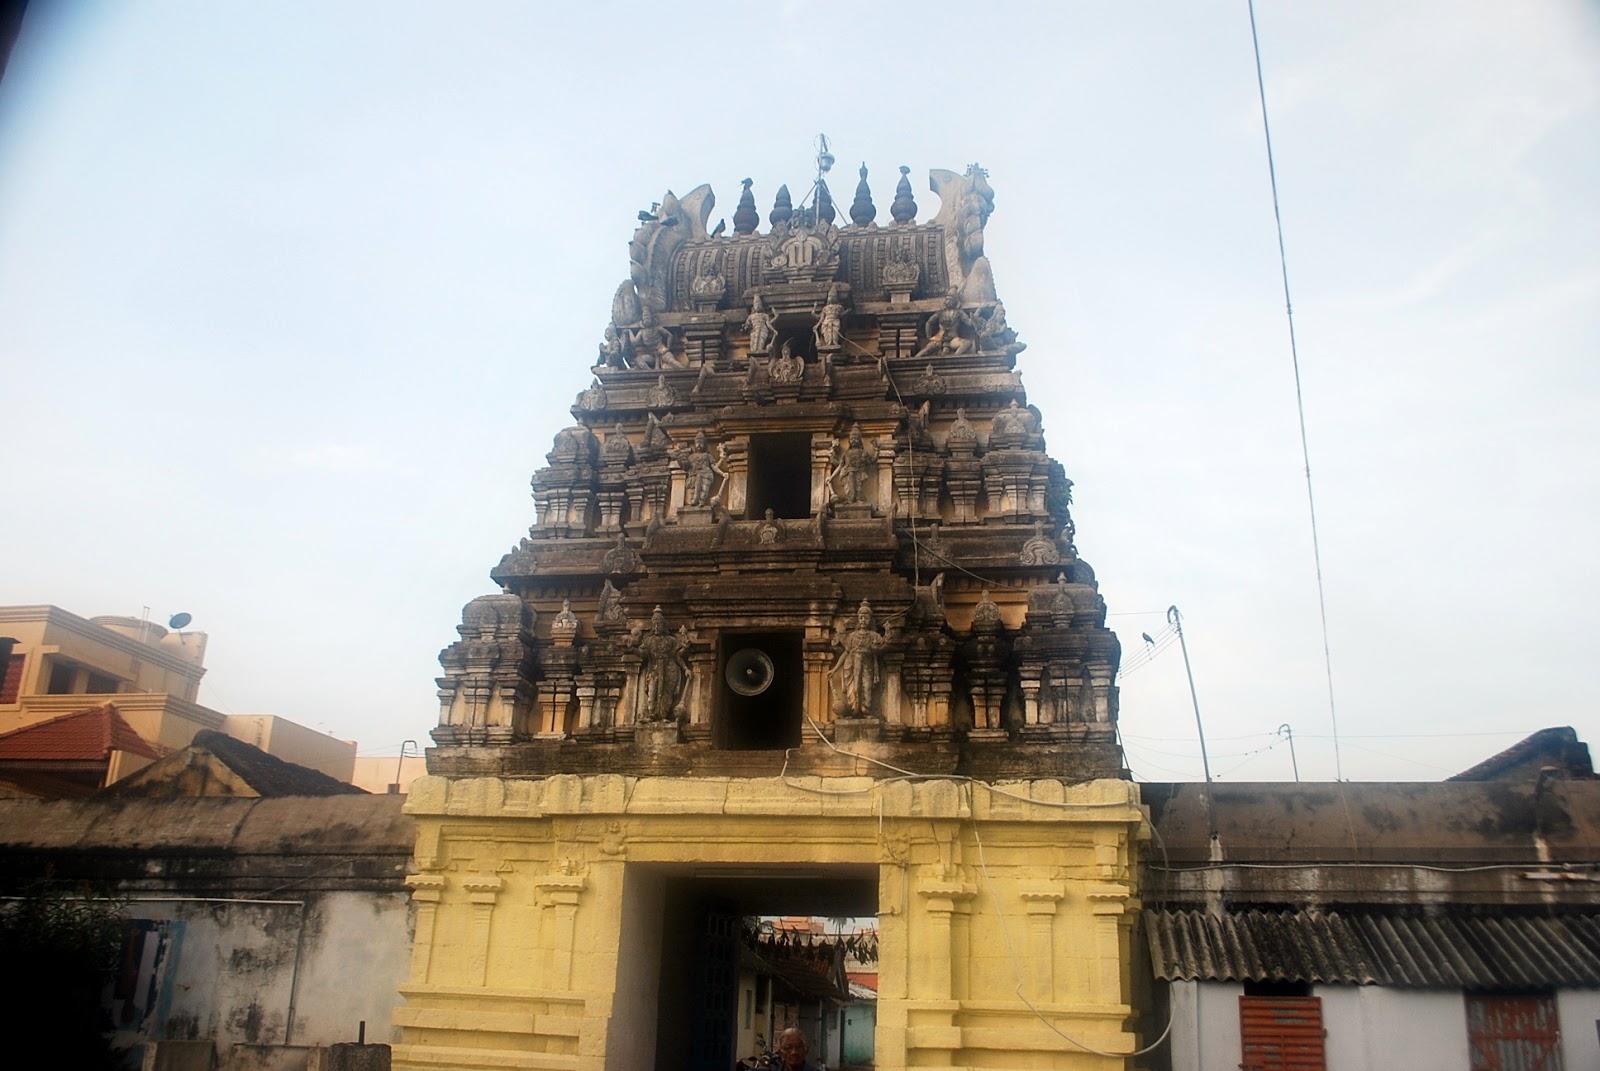 Sri Azhagiya Singa Perumal Temple (Thiru Velukkai) Kanchipuram - Divya Desam 58